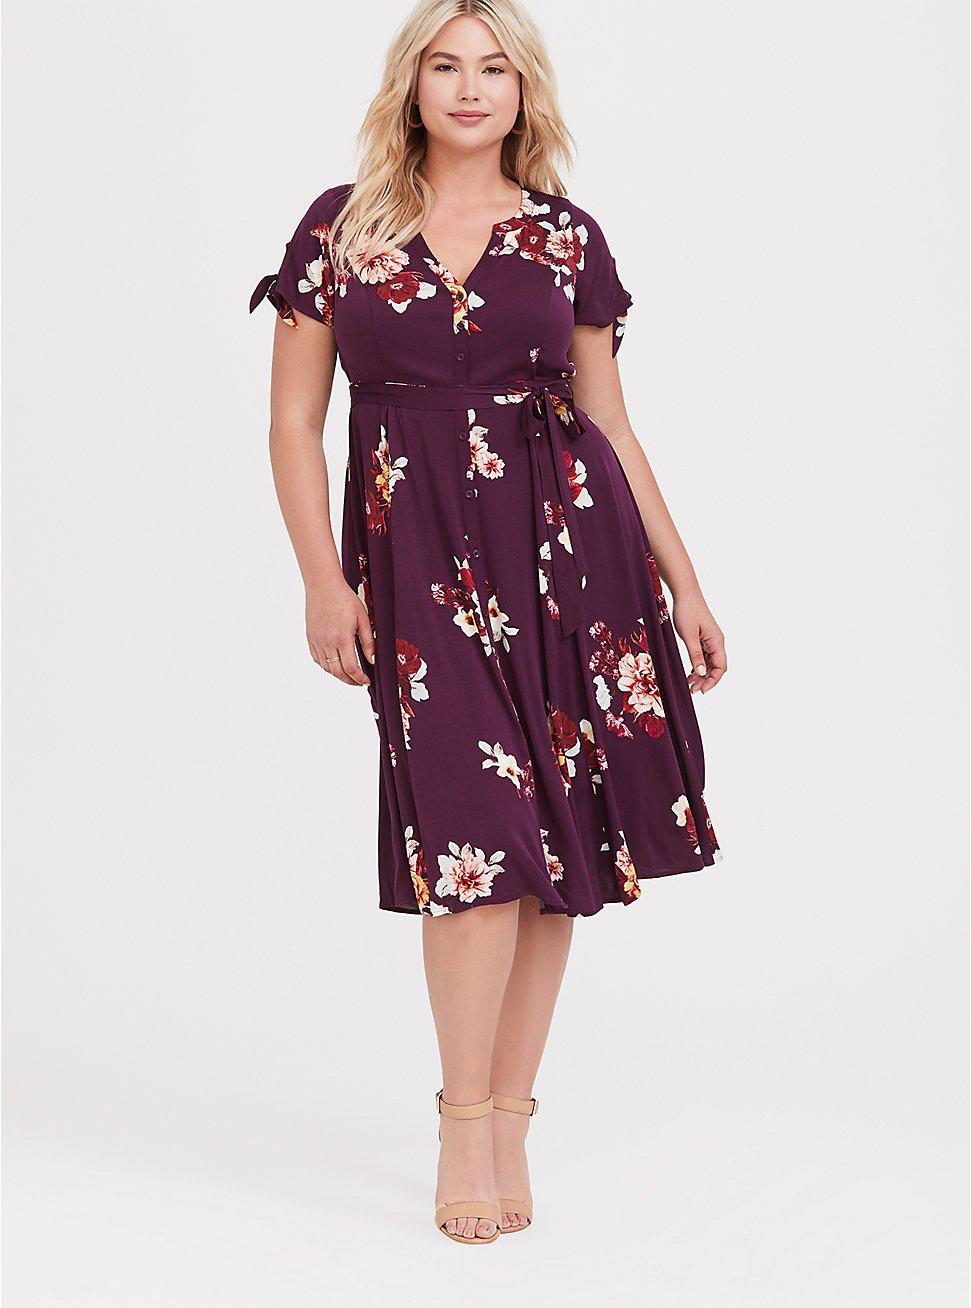 Burgundy Purple Floral Challis Button Front Shirt Dress, FLORALS-BURGUNDY, hi-res